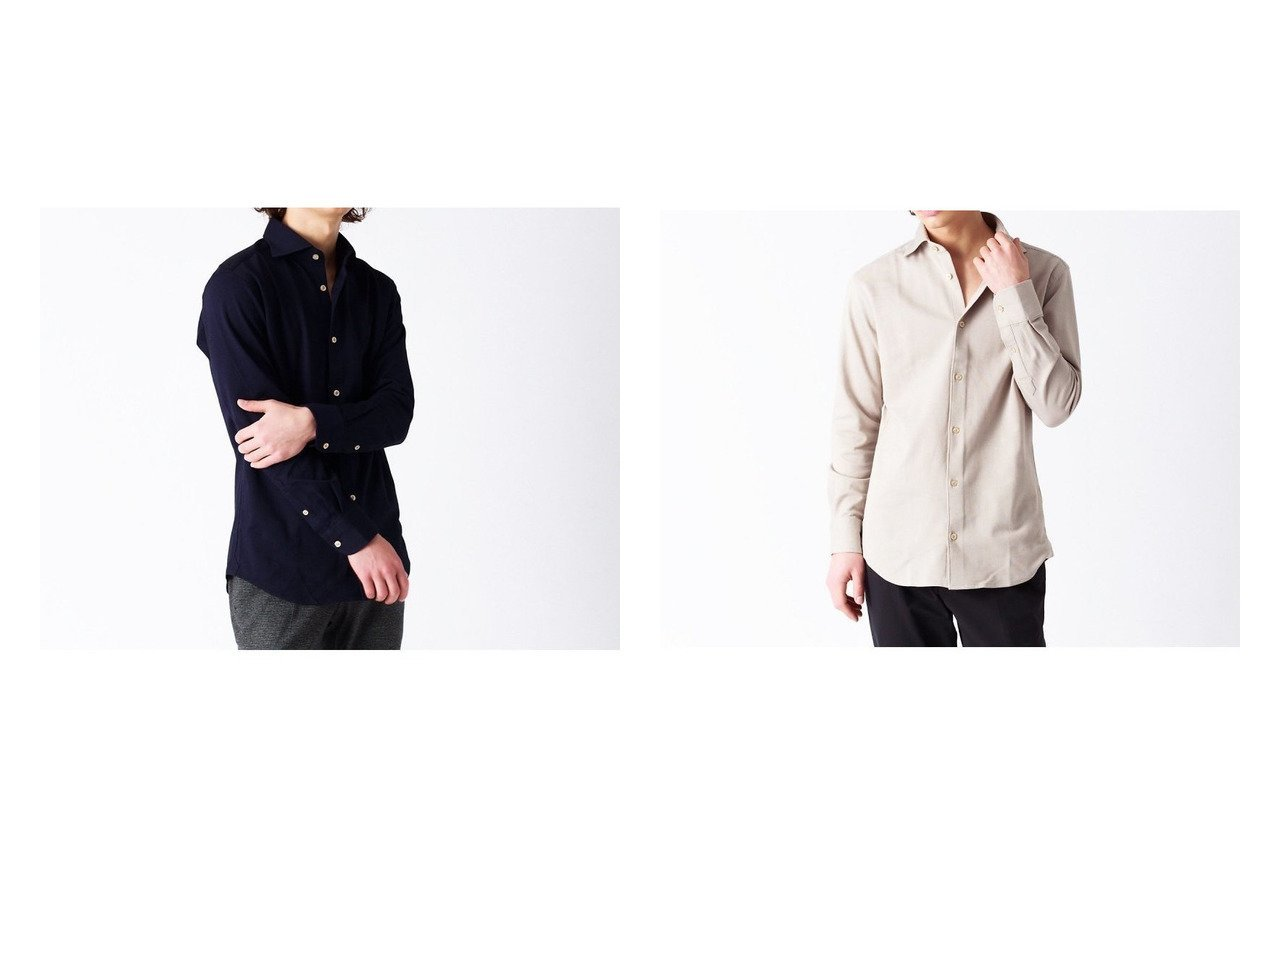 【ABAHOUSE LASTWORD / MEN/アバハウスラストワード】のALBINI 交織サーフニット シャツ 【MEN】おすすめ!人気トレンド・男性、メンズファッションの通販 おすすめで人気の流行・トレンド、ファッションの通販商品 メンズファッション・キッズファッション・インテリア・家具・レディースファッション・服の通販 founy(ファニー) https://founy.com/ ファッション Fashion メンズファッション MEN おすすめ Recommend イタリア インナー スラックス セットアップ 長袖  ID:crp329100000029004